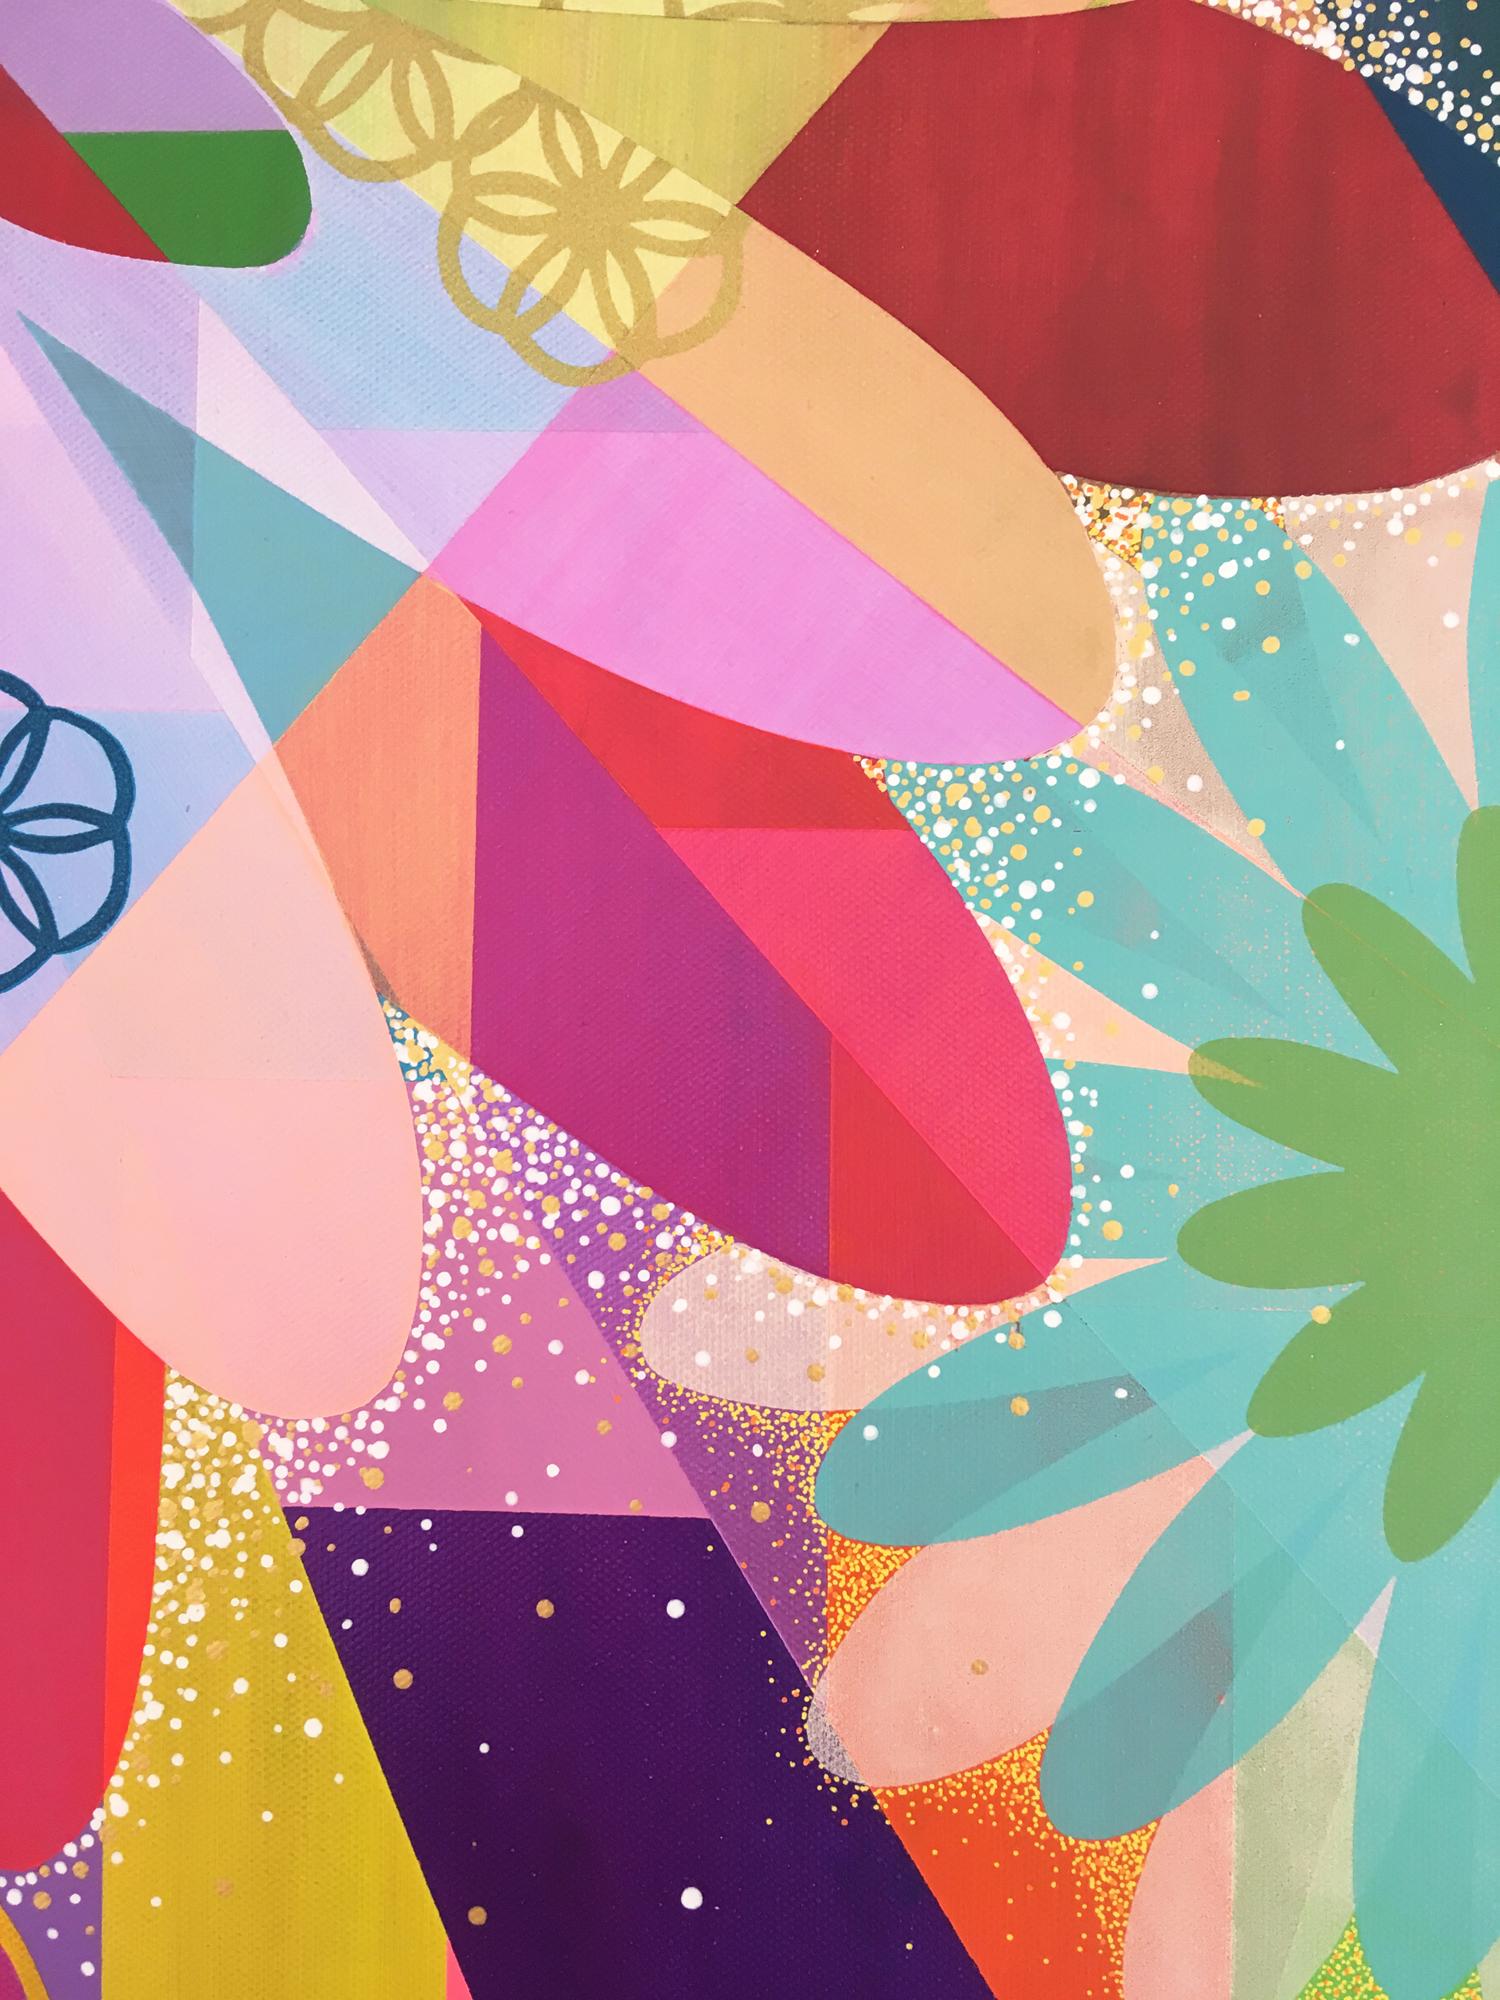 ATELIER n°27-ATELIER GALERIE POP MIN- ALEXANDRA  - Le présent, et le joyau de l'avenir